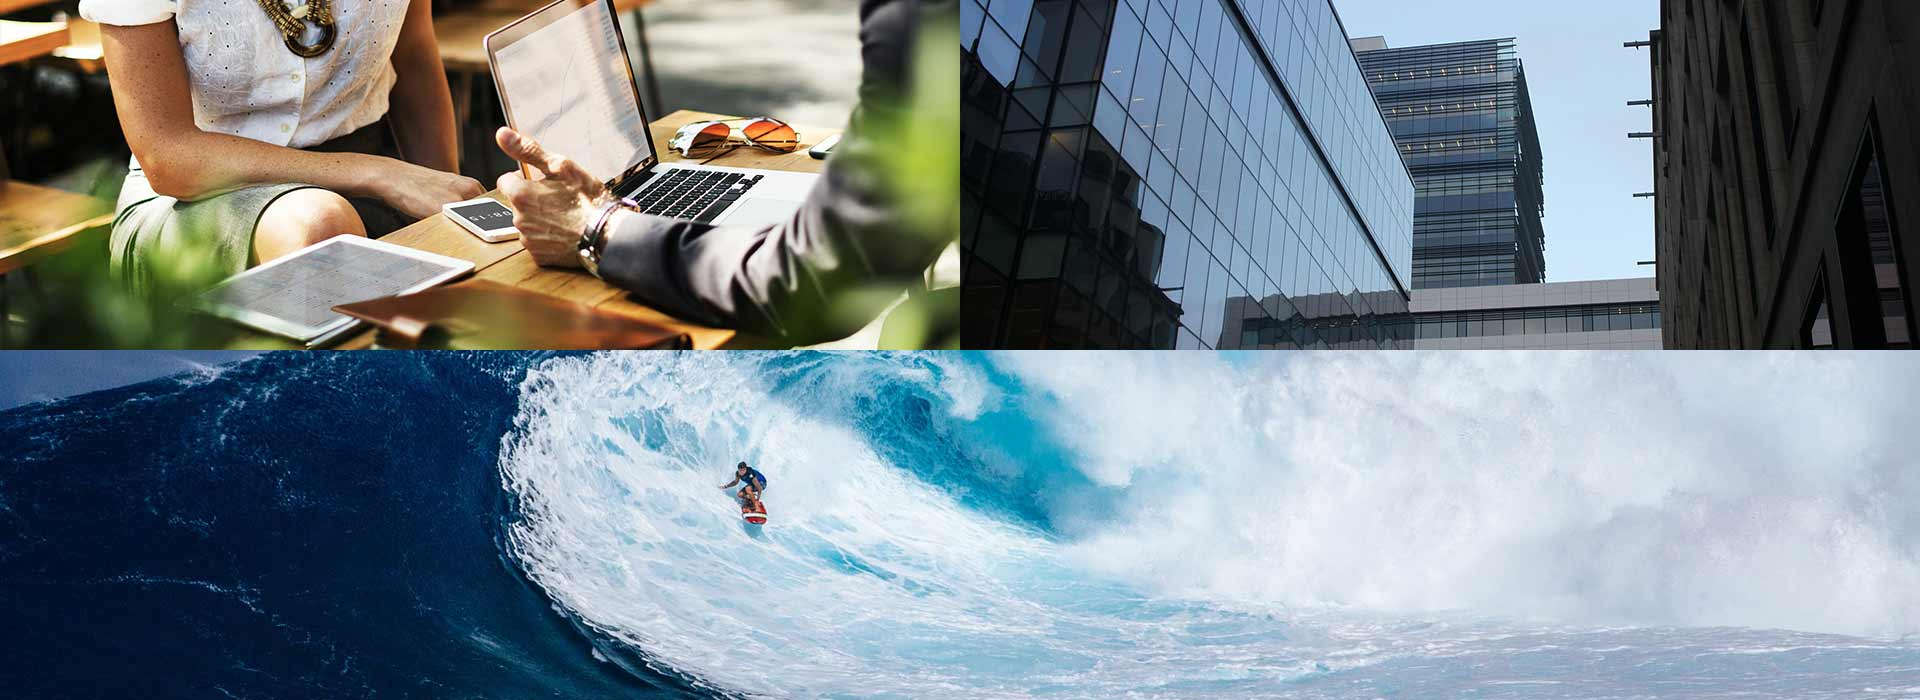 L'avenir du surf sur la toile